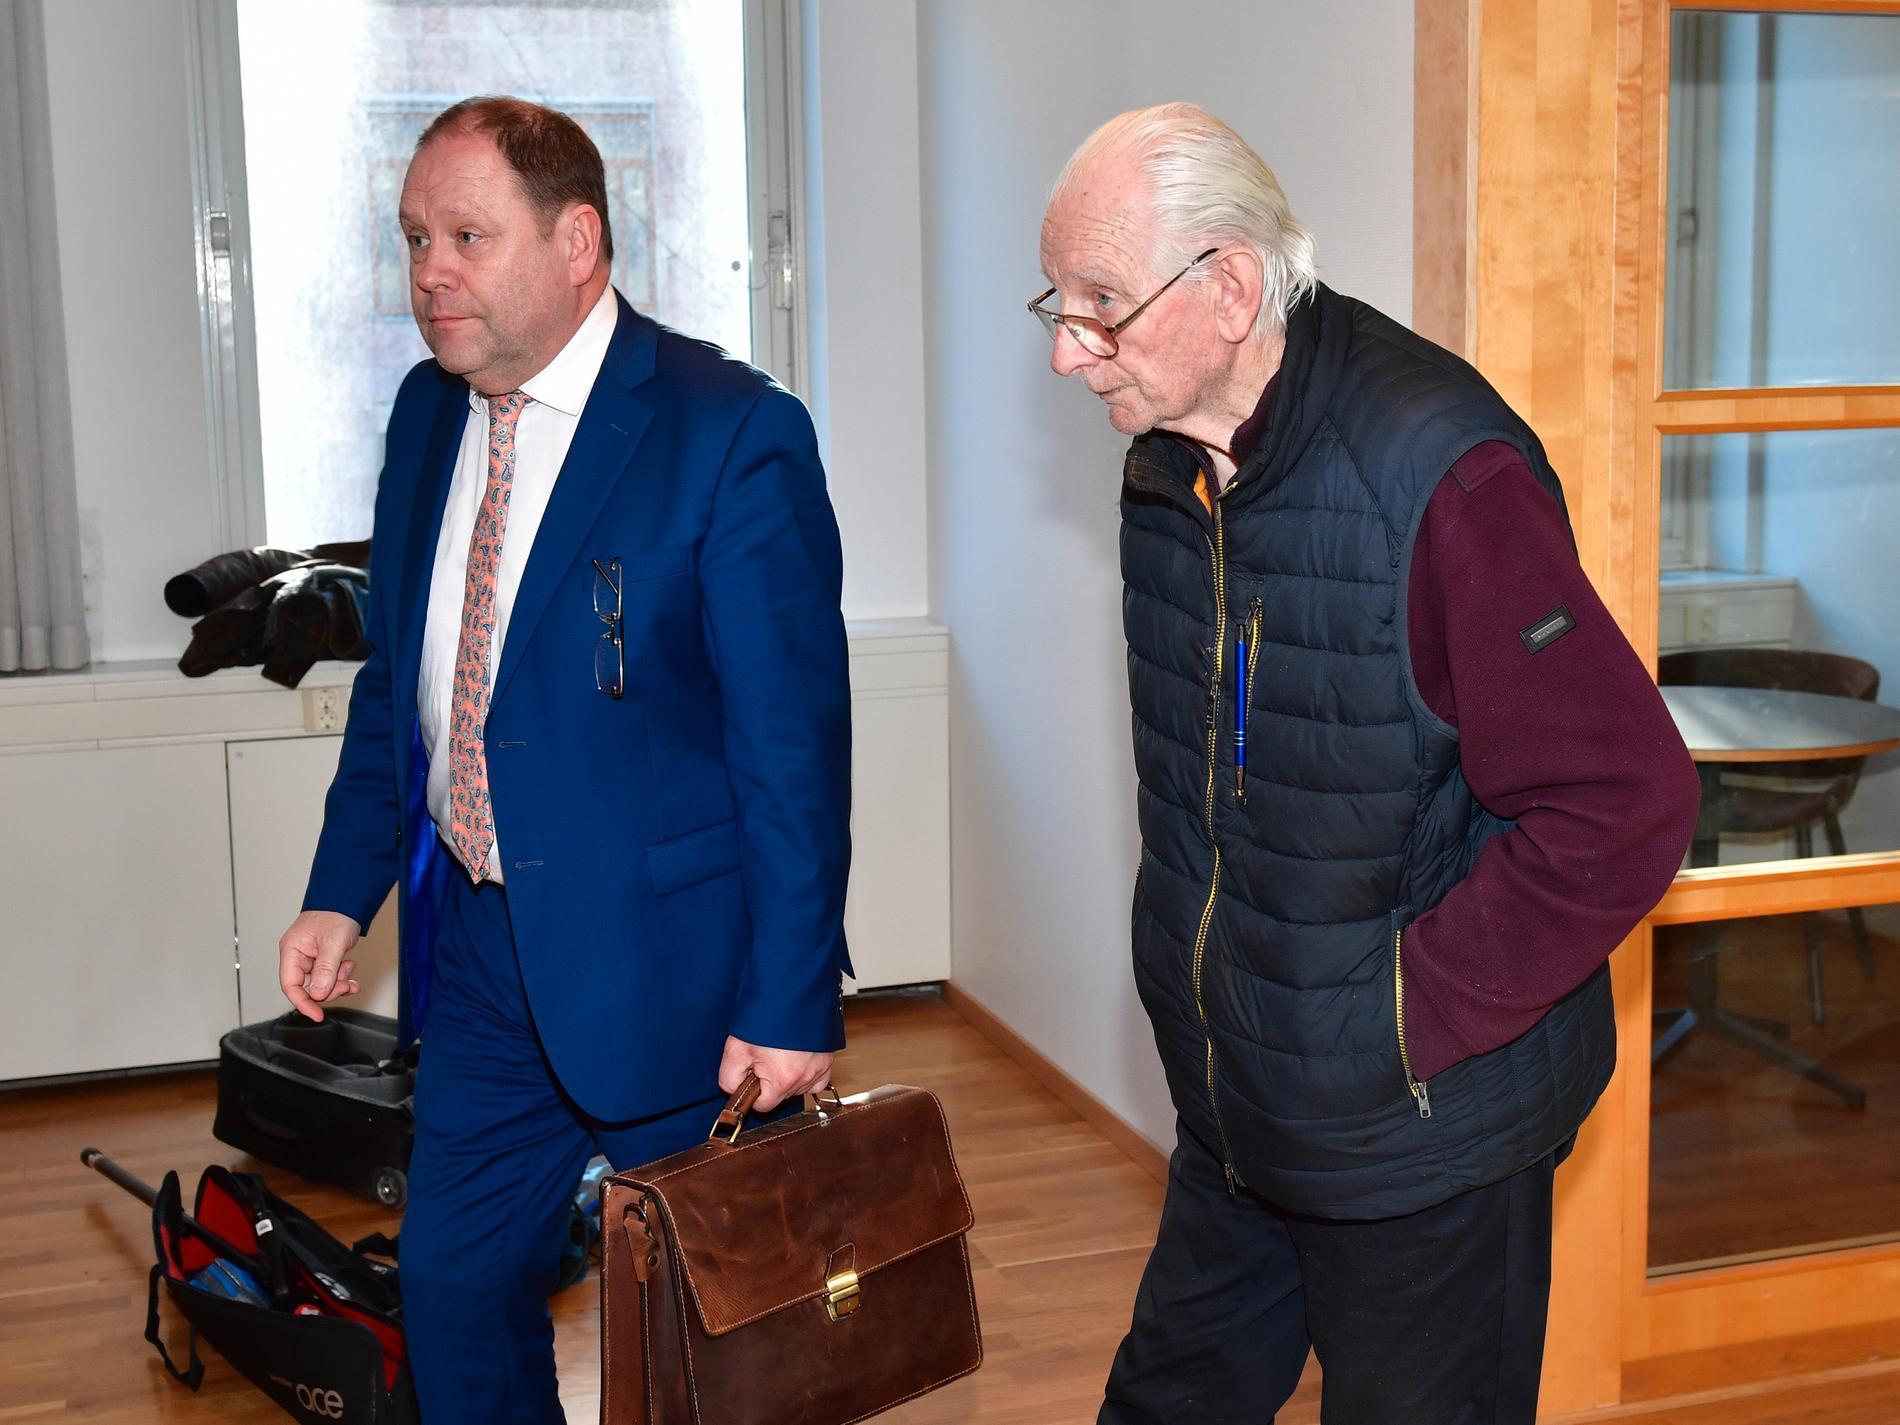 Johan Binninge, juridiskt ombud, och Esbjörn Bolin.